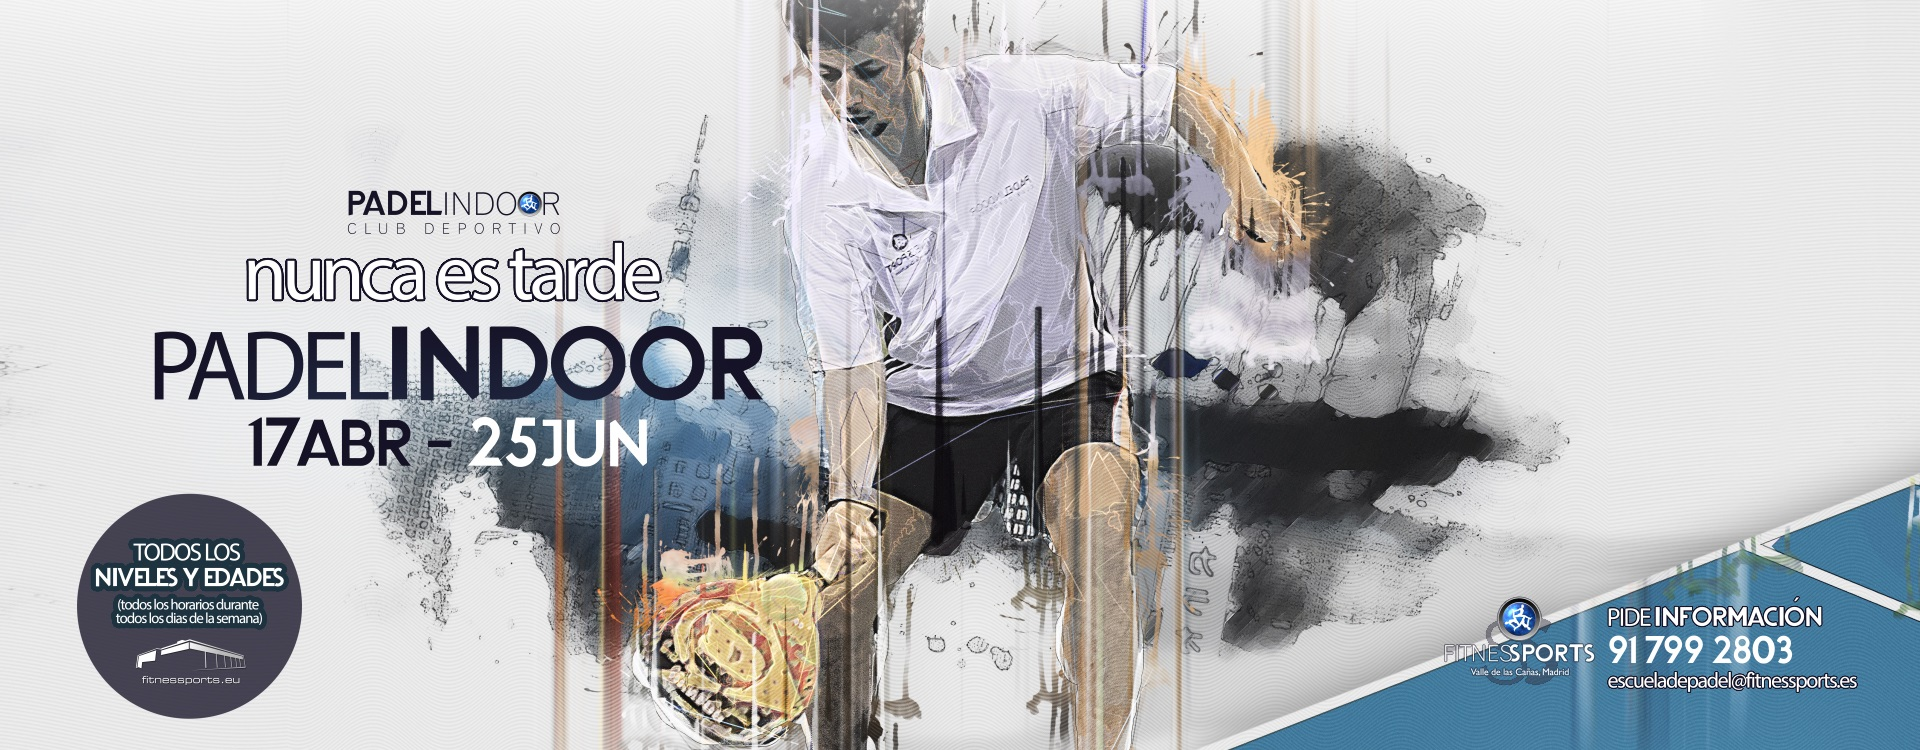 Escuela de Padel Madrid Fitness Sports Valle de las Cañas by Perfect Pixel Publicidad Agencia de Publicidad en Madrid